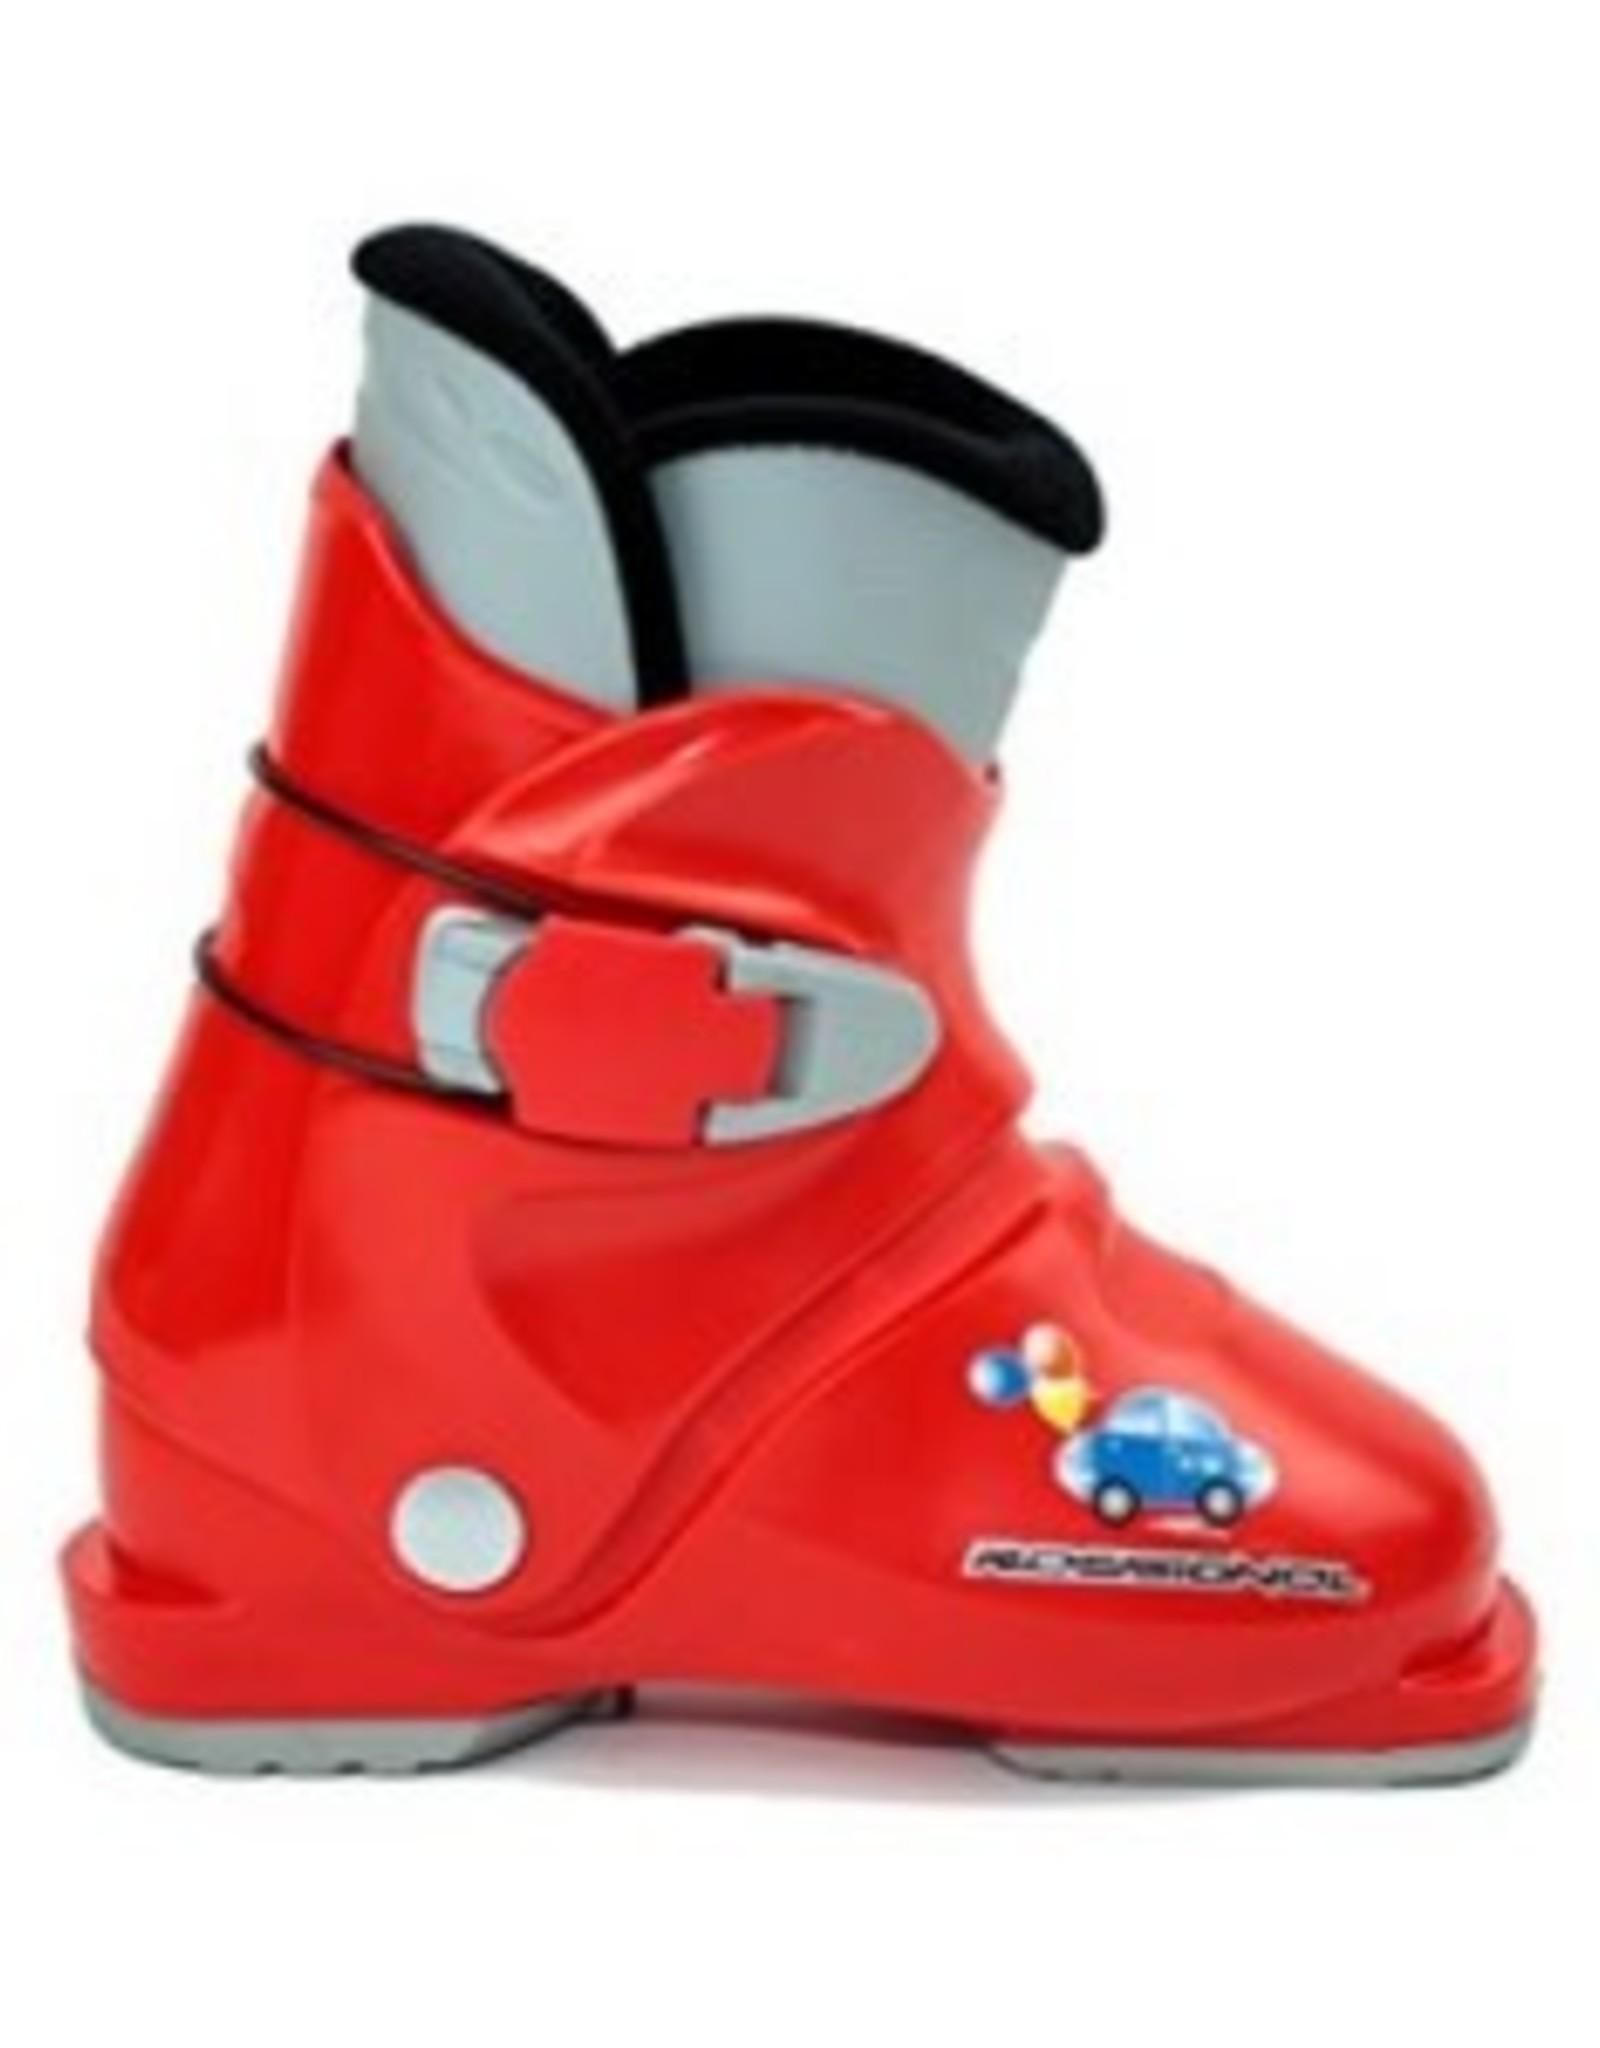 ROSSIGNOL Skischoenen Rossignol R18 Rood Gebruikt